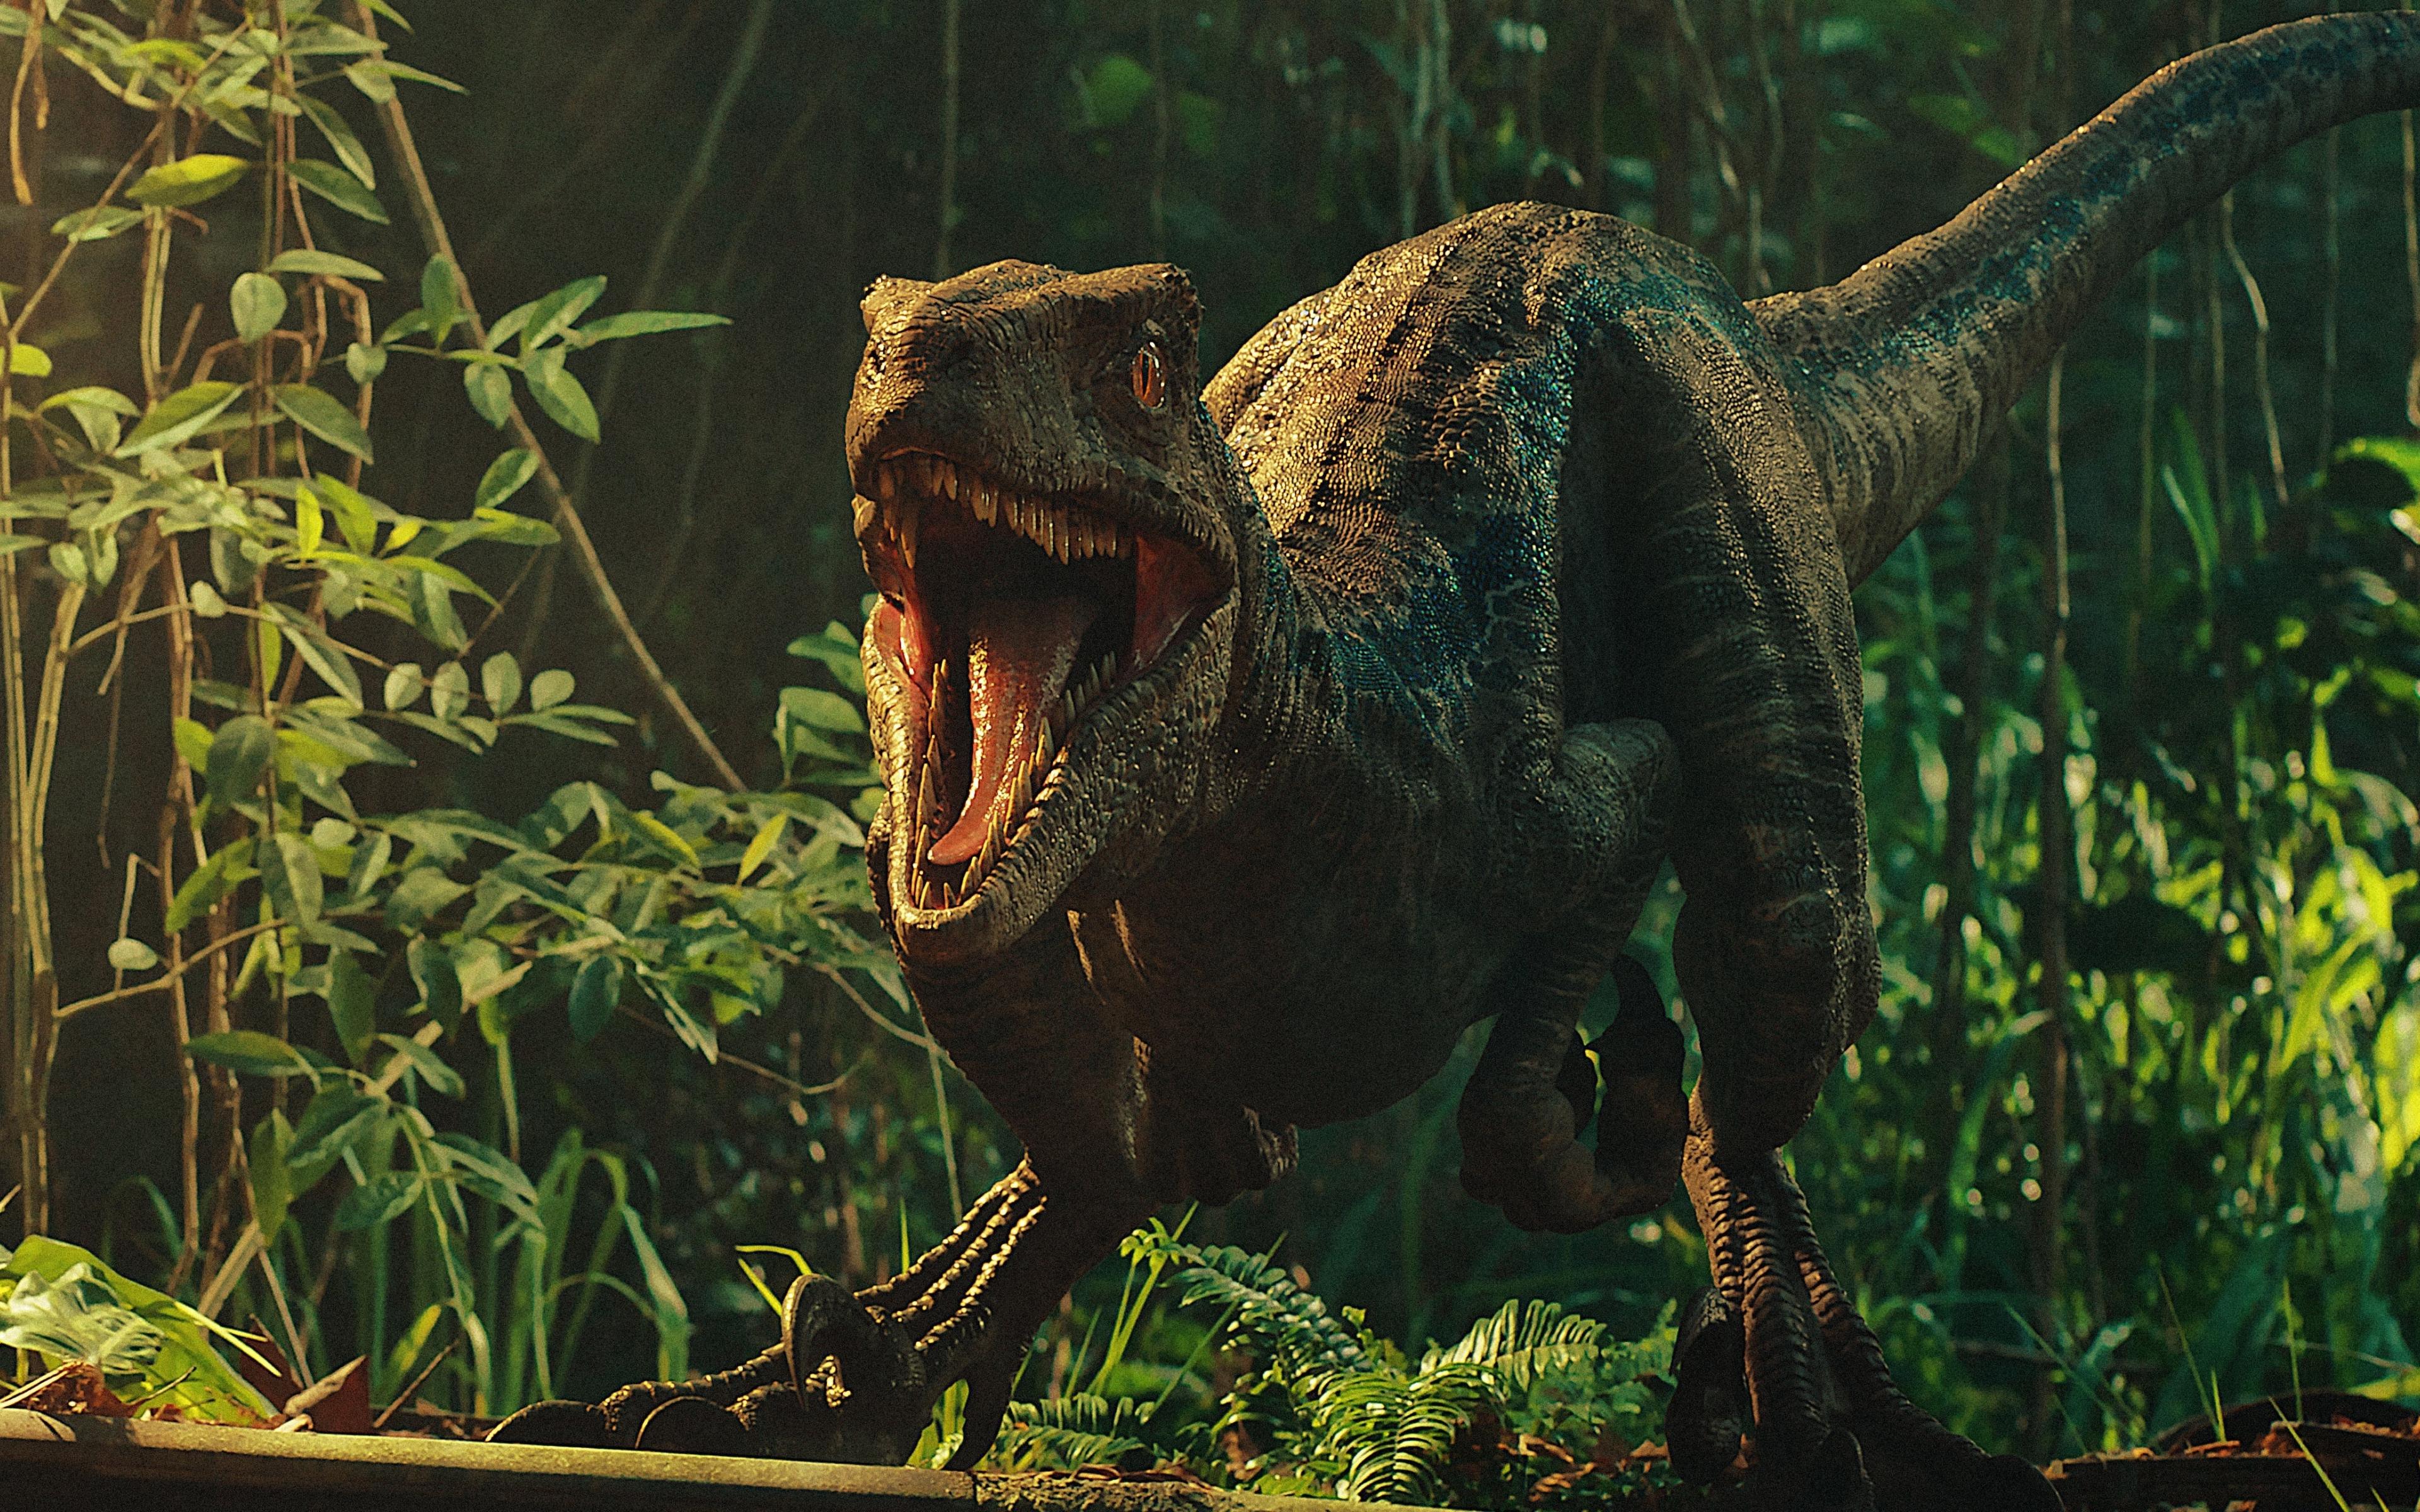 Download 3840x2400 wallpaper movie jurassic world fallen kingdom dinosaur 4k ultra hd 16 10 - Paperboy dinosaur wallpaper ...